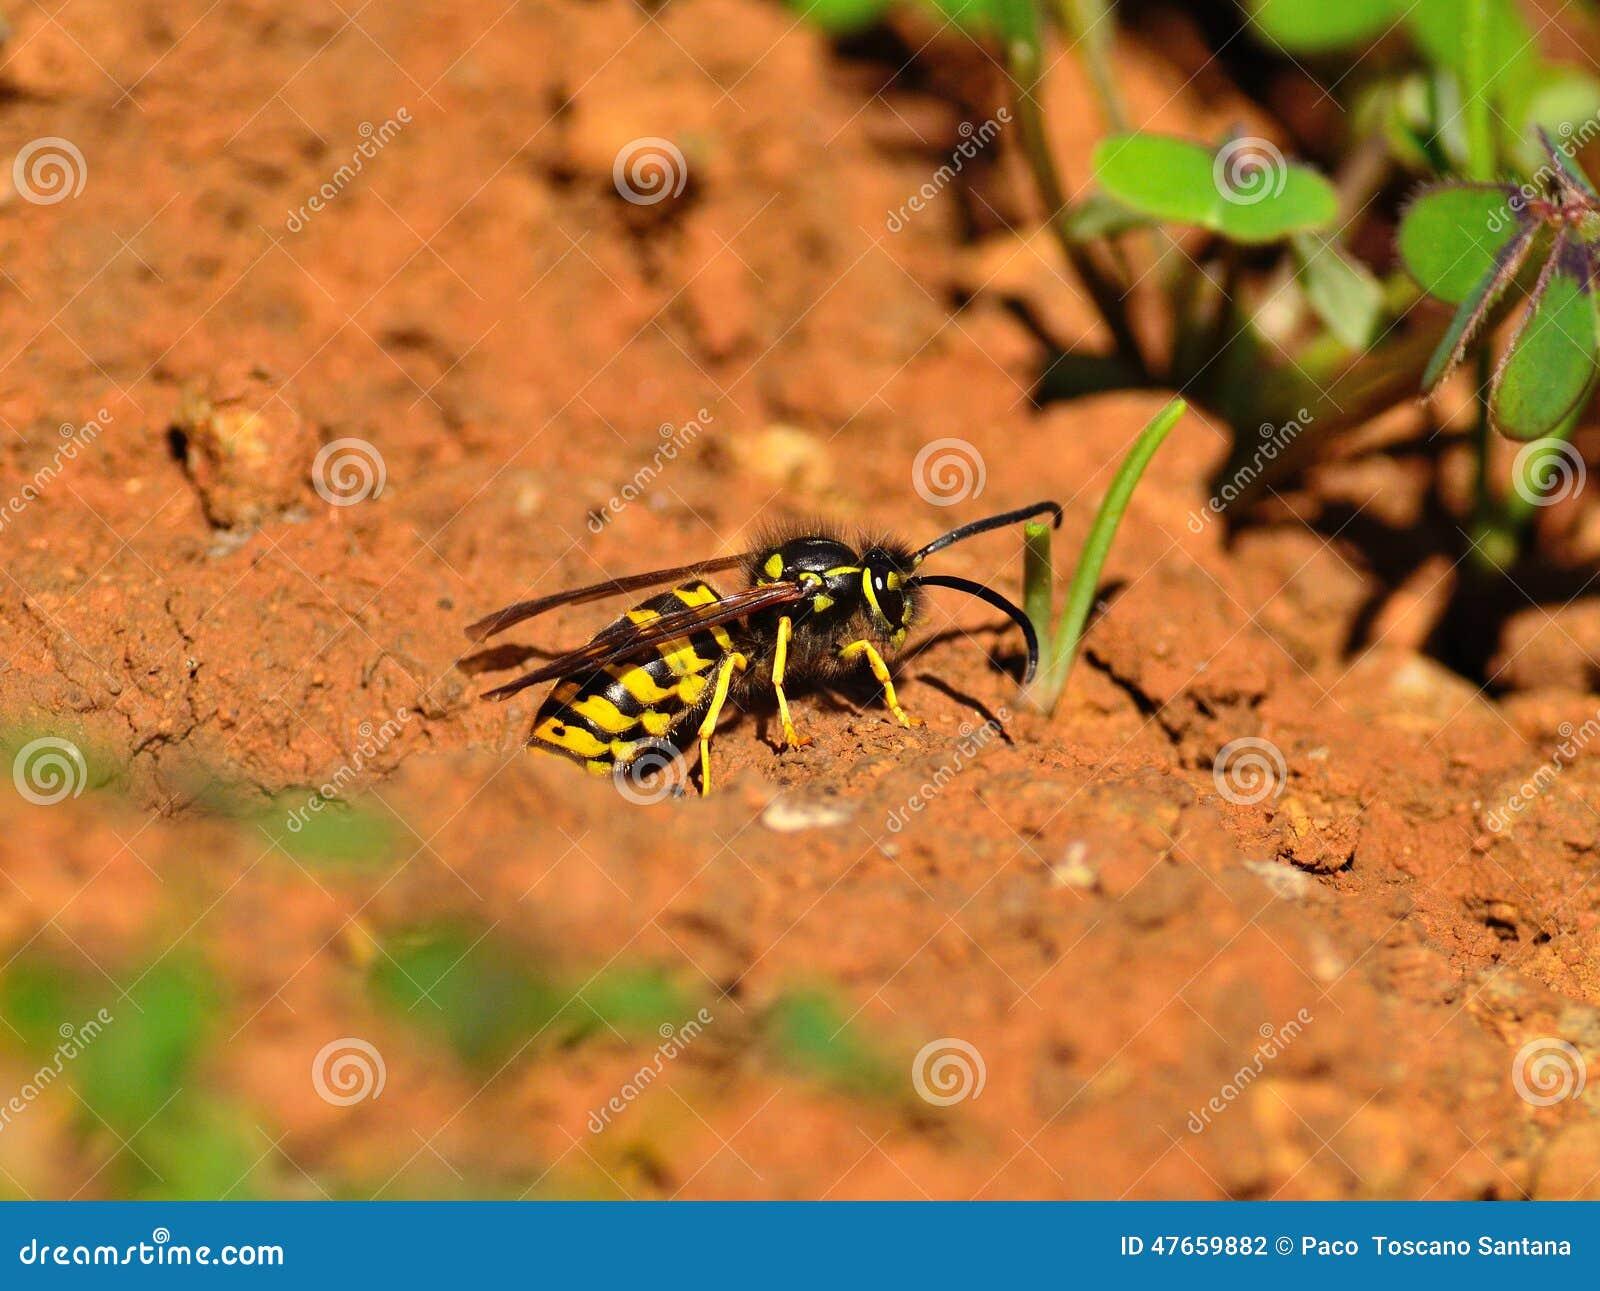 Wespen Auf Dem Boden Um Das Nest Stockfoto